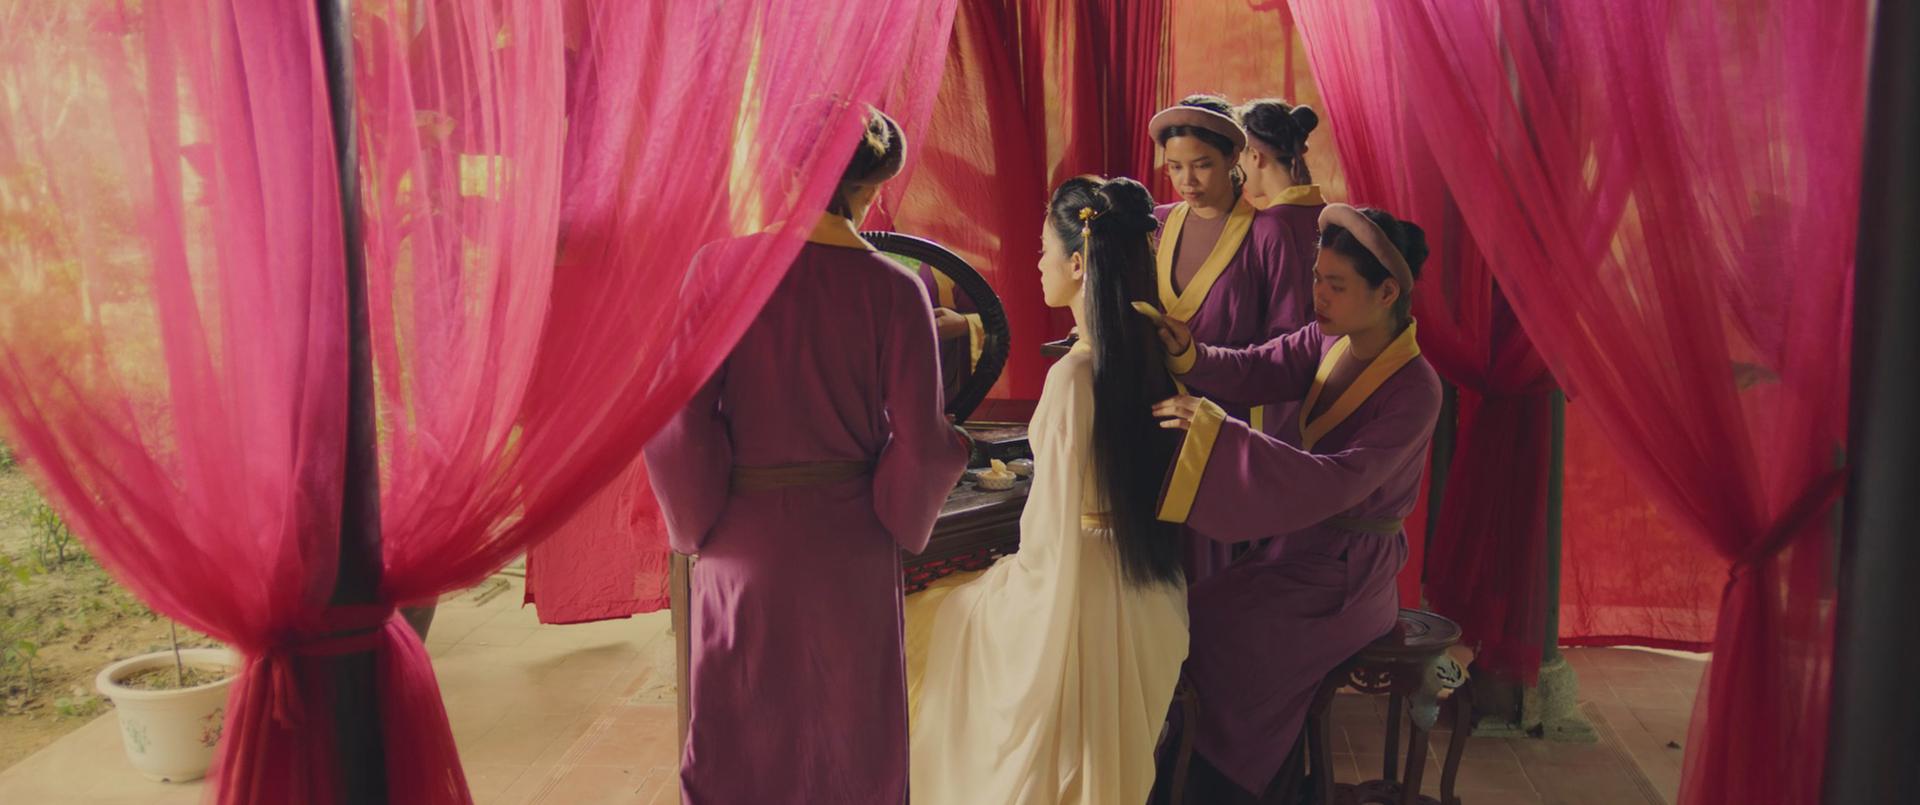 Điện ảnh Việt 2021: Tấp nập các 'bom tấn' văn học được đưa lên màn ảnh rộng 2